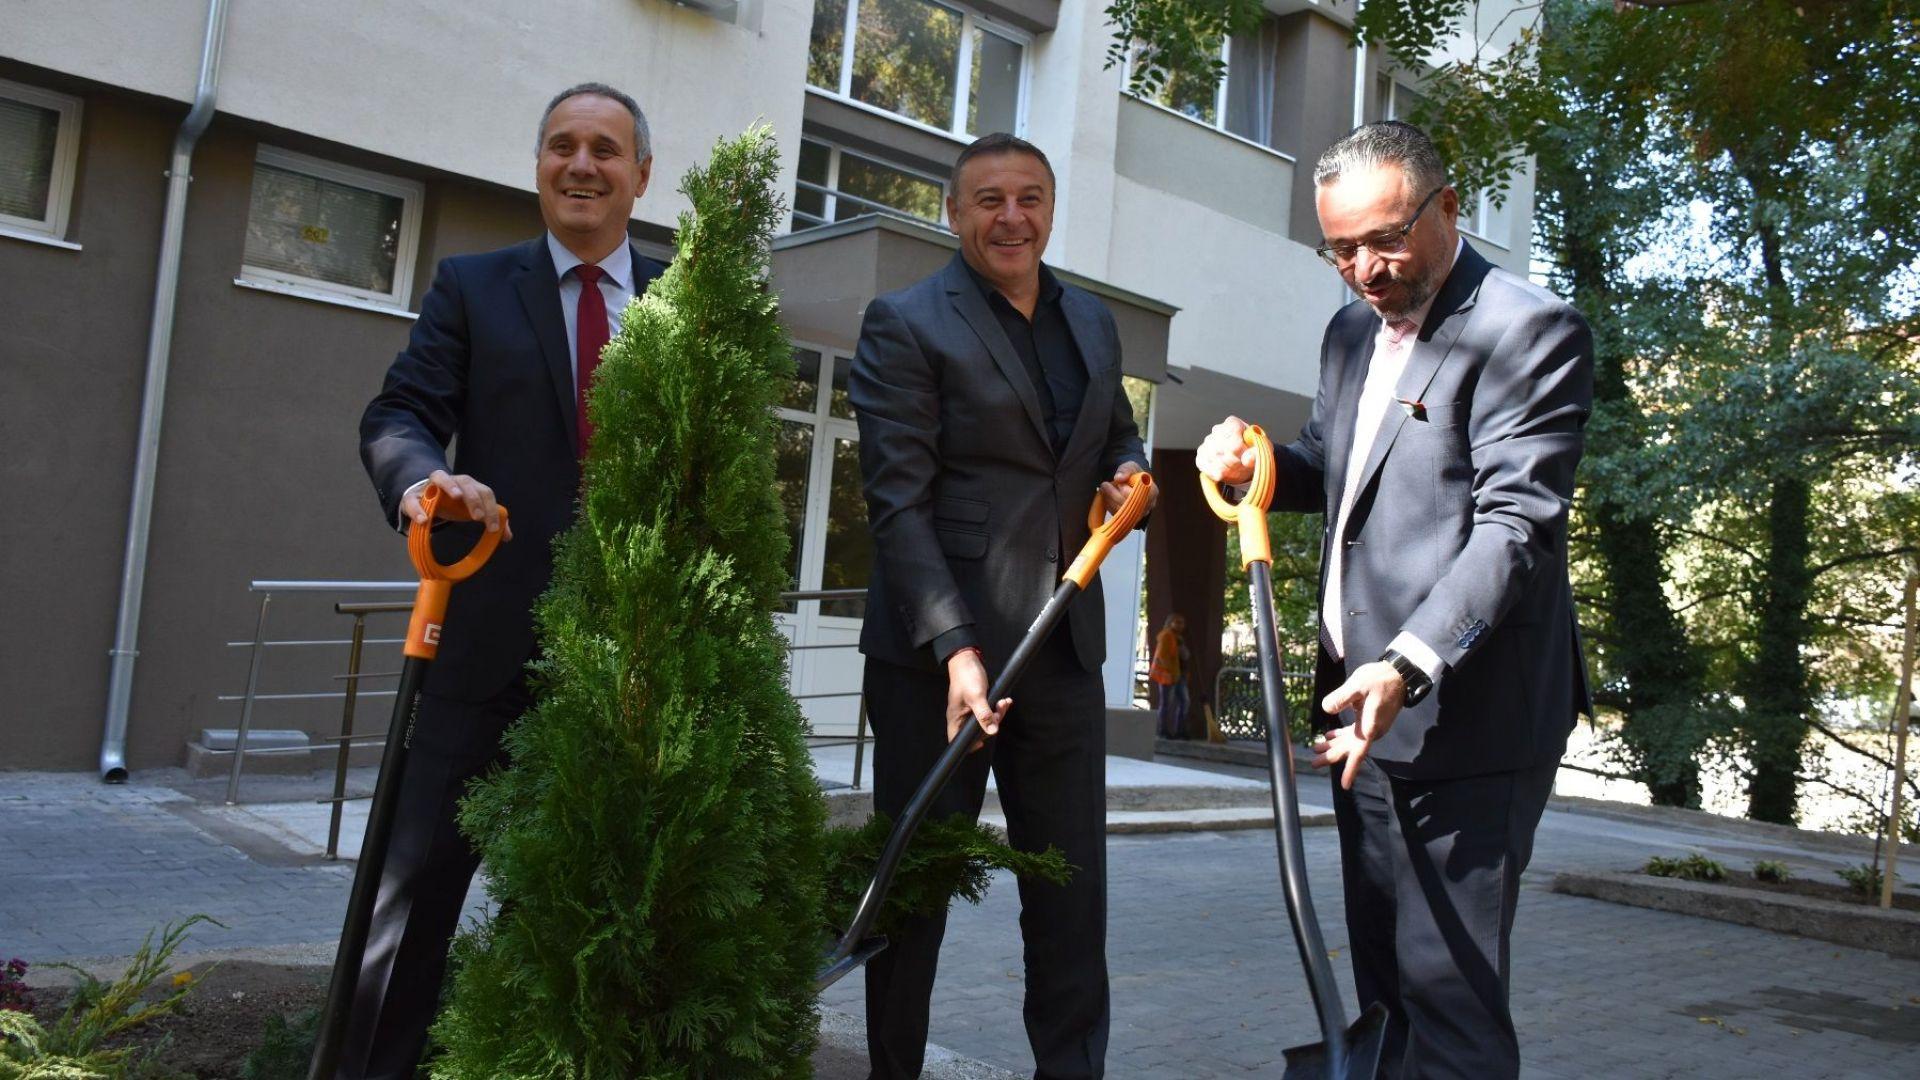 Атанас Камбитов, кандидат за кмет на ГЕРБ за трети мандат /в средата/, открива детска площадка